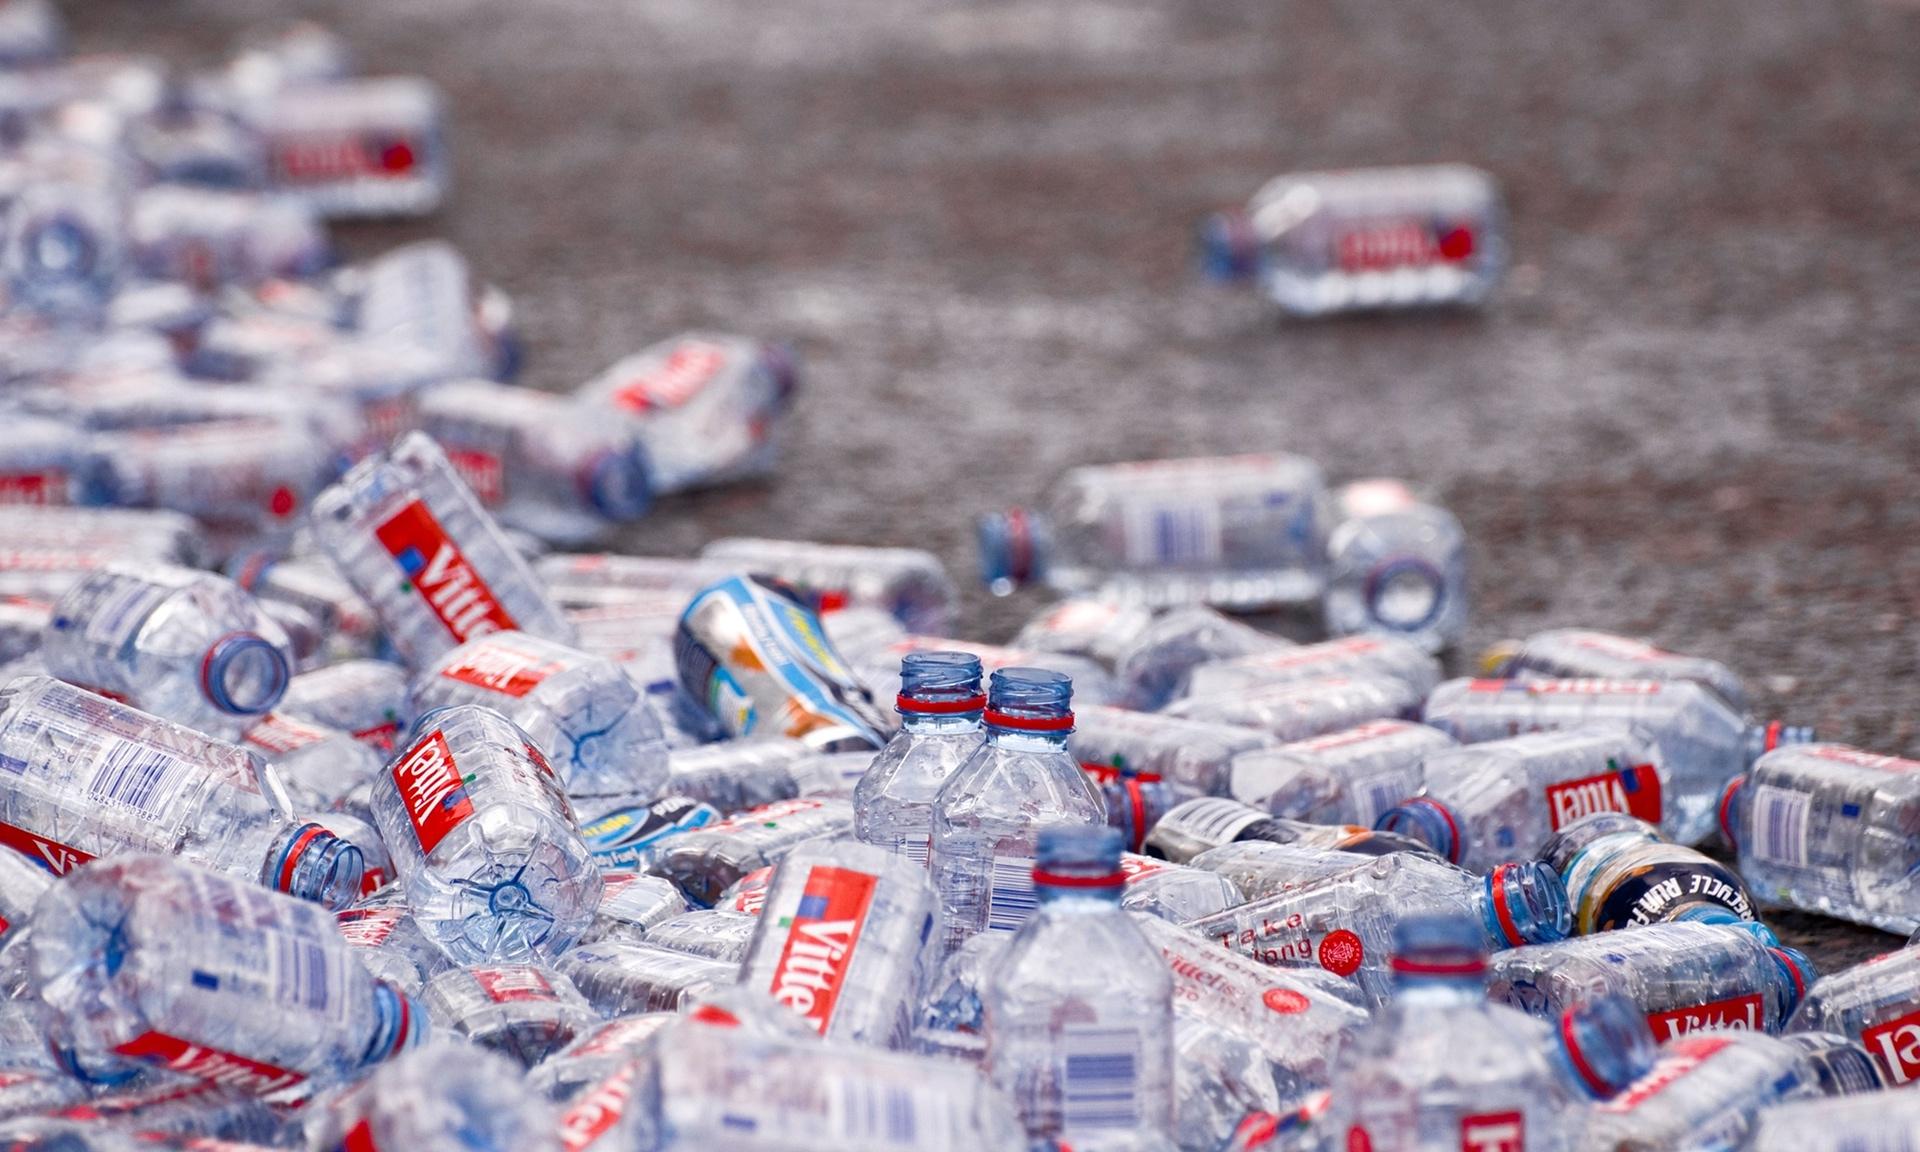 Bouteilles en plastique abandonnés sur le sol après le Marathon de Londres, photo de Tracy Gunn / Alamy